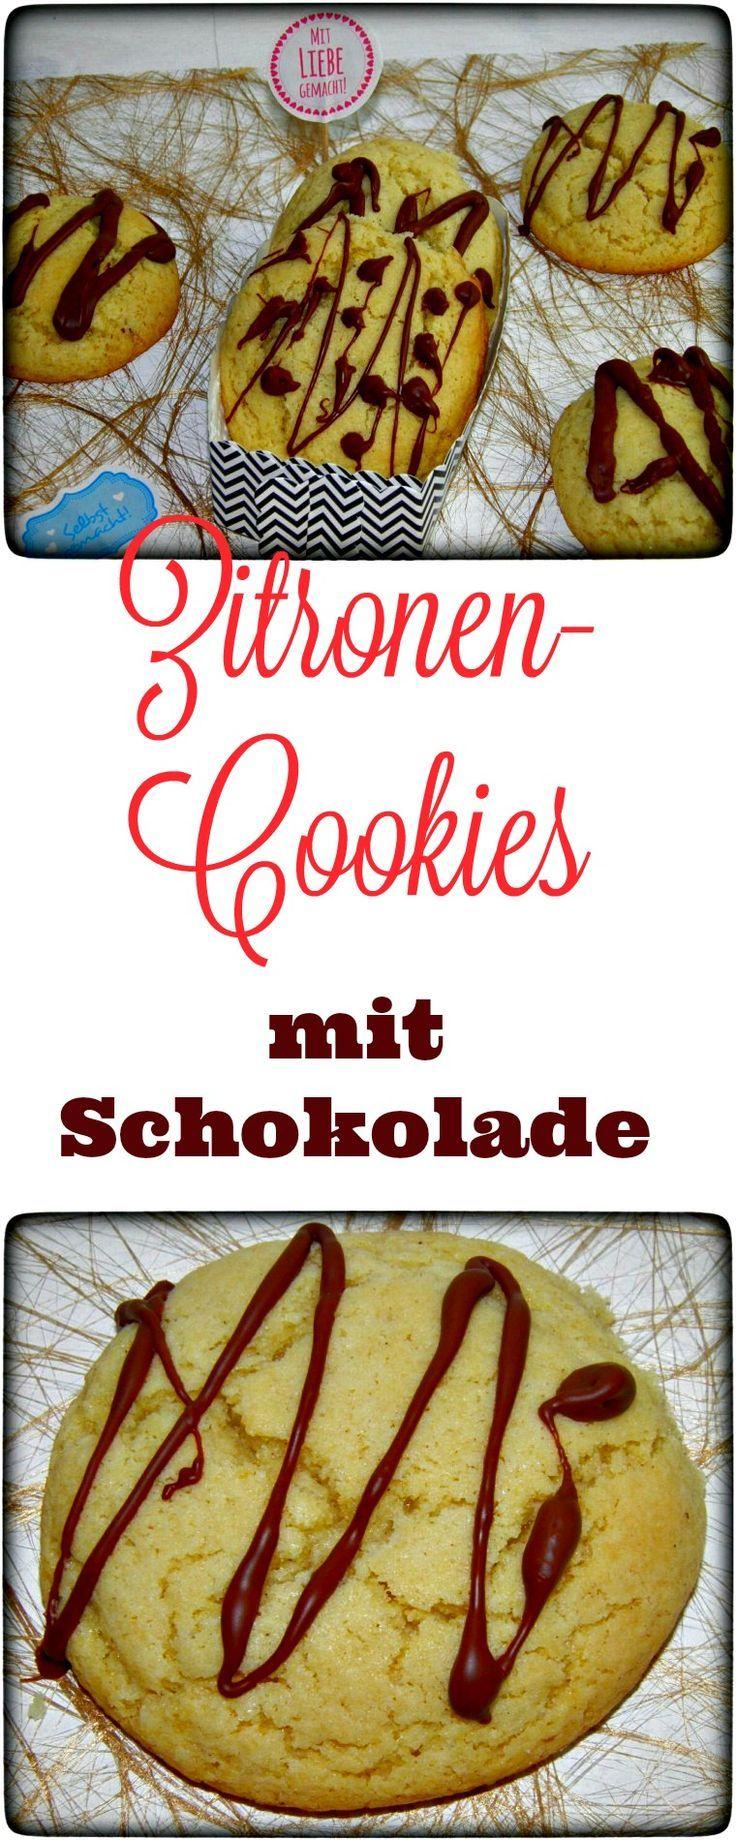 Leckere Zitronen-Cookies mit Schokolade. Yummie. Denen kann keiner widerstehen. Sowohl im Thermomix, als auch mit der Küchenmaschine sehr schnell hergestellt.